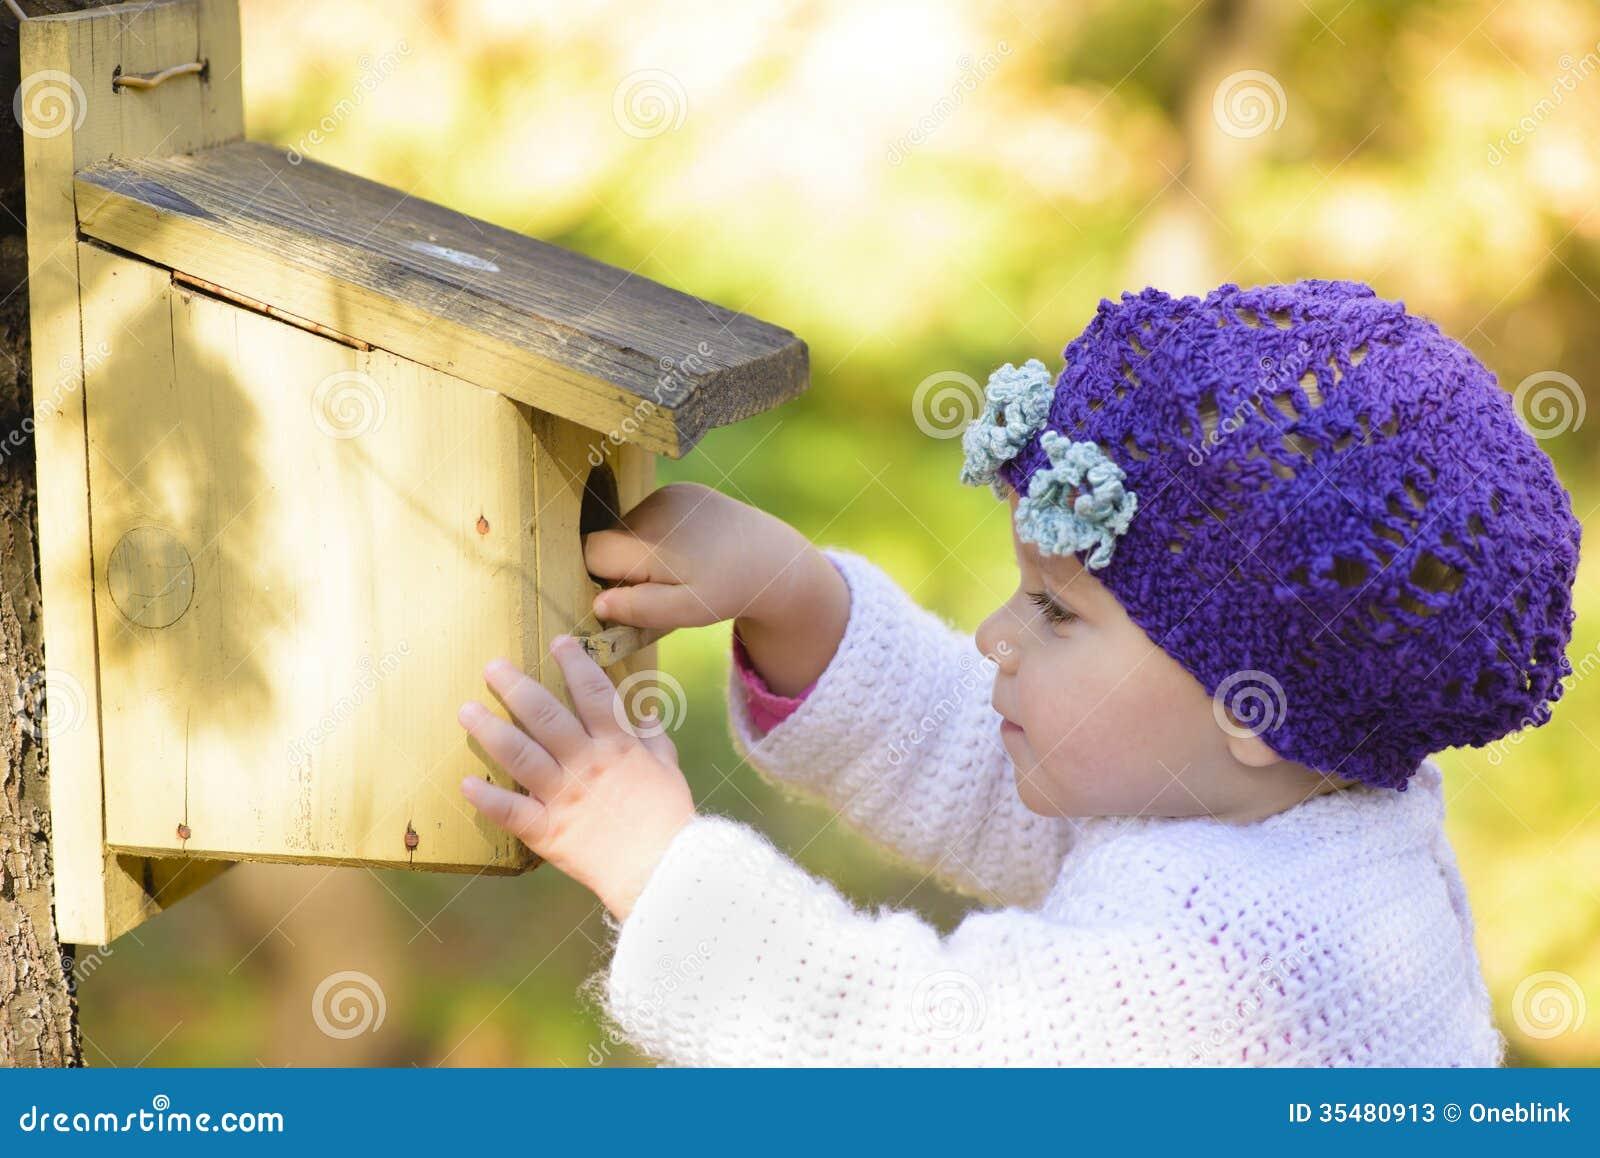 kind das einem vogel haus neugierig betrachtet stockbild bild 35480913. Black Bedroom Furniture Sets. Home Design Ideas